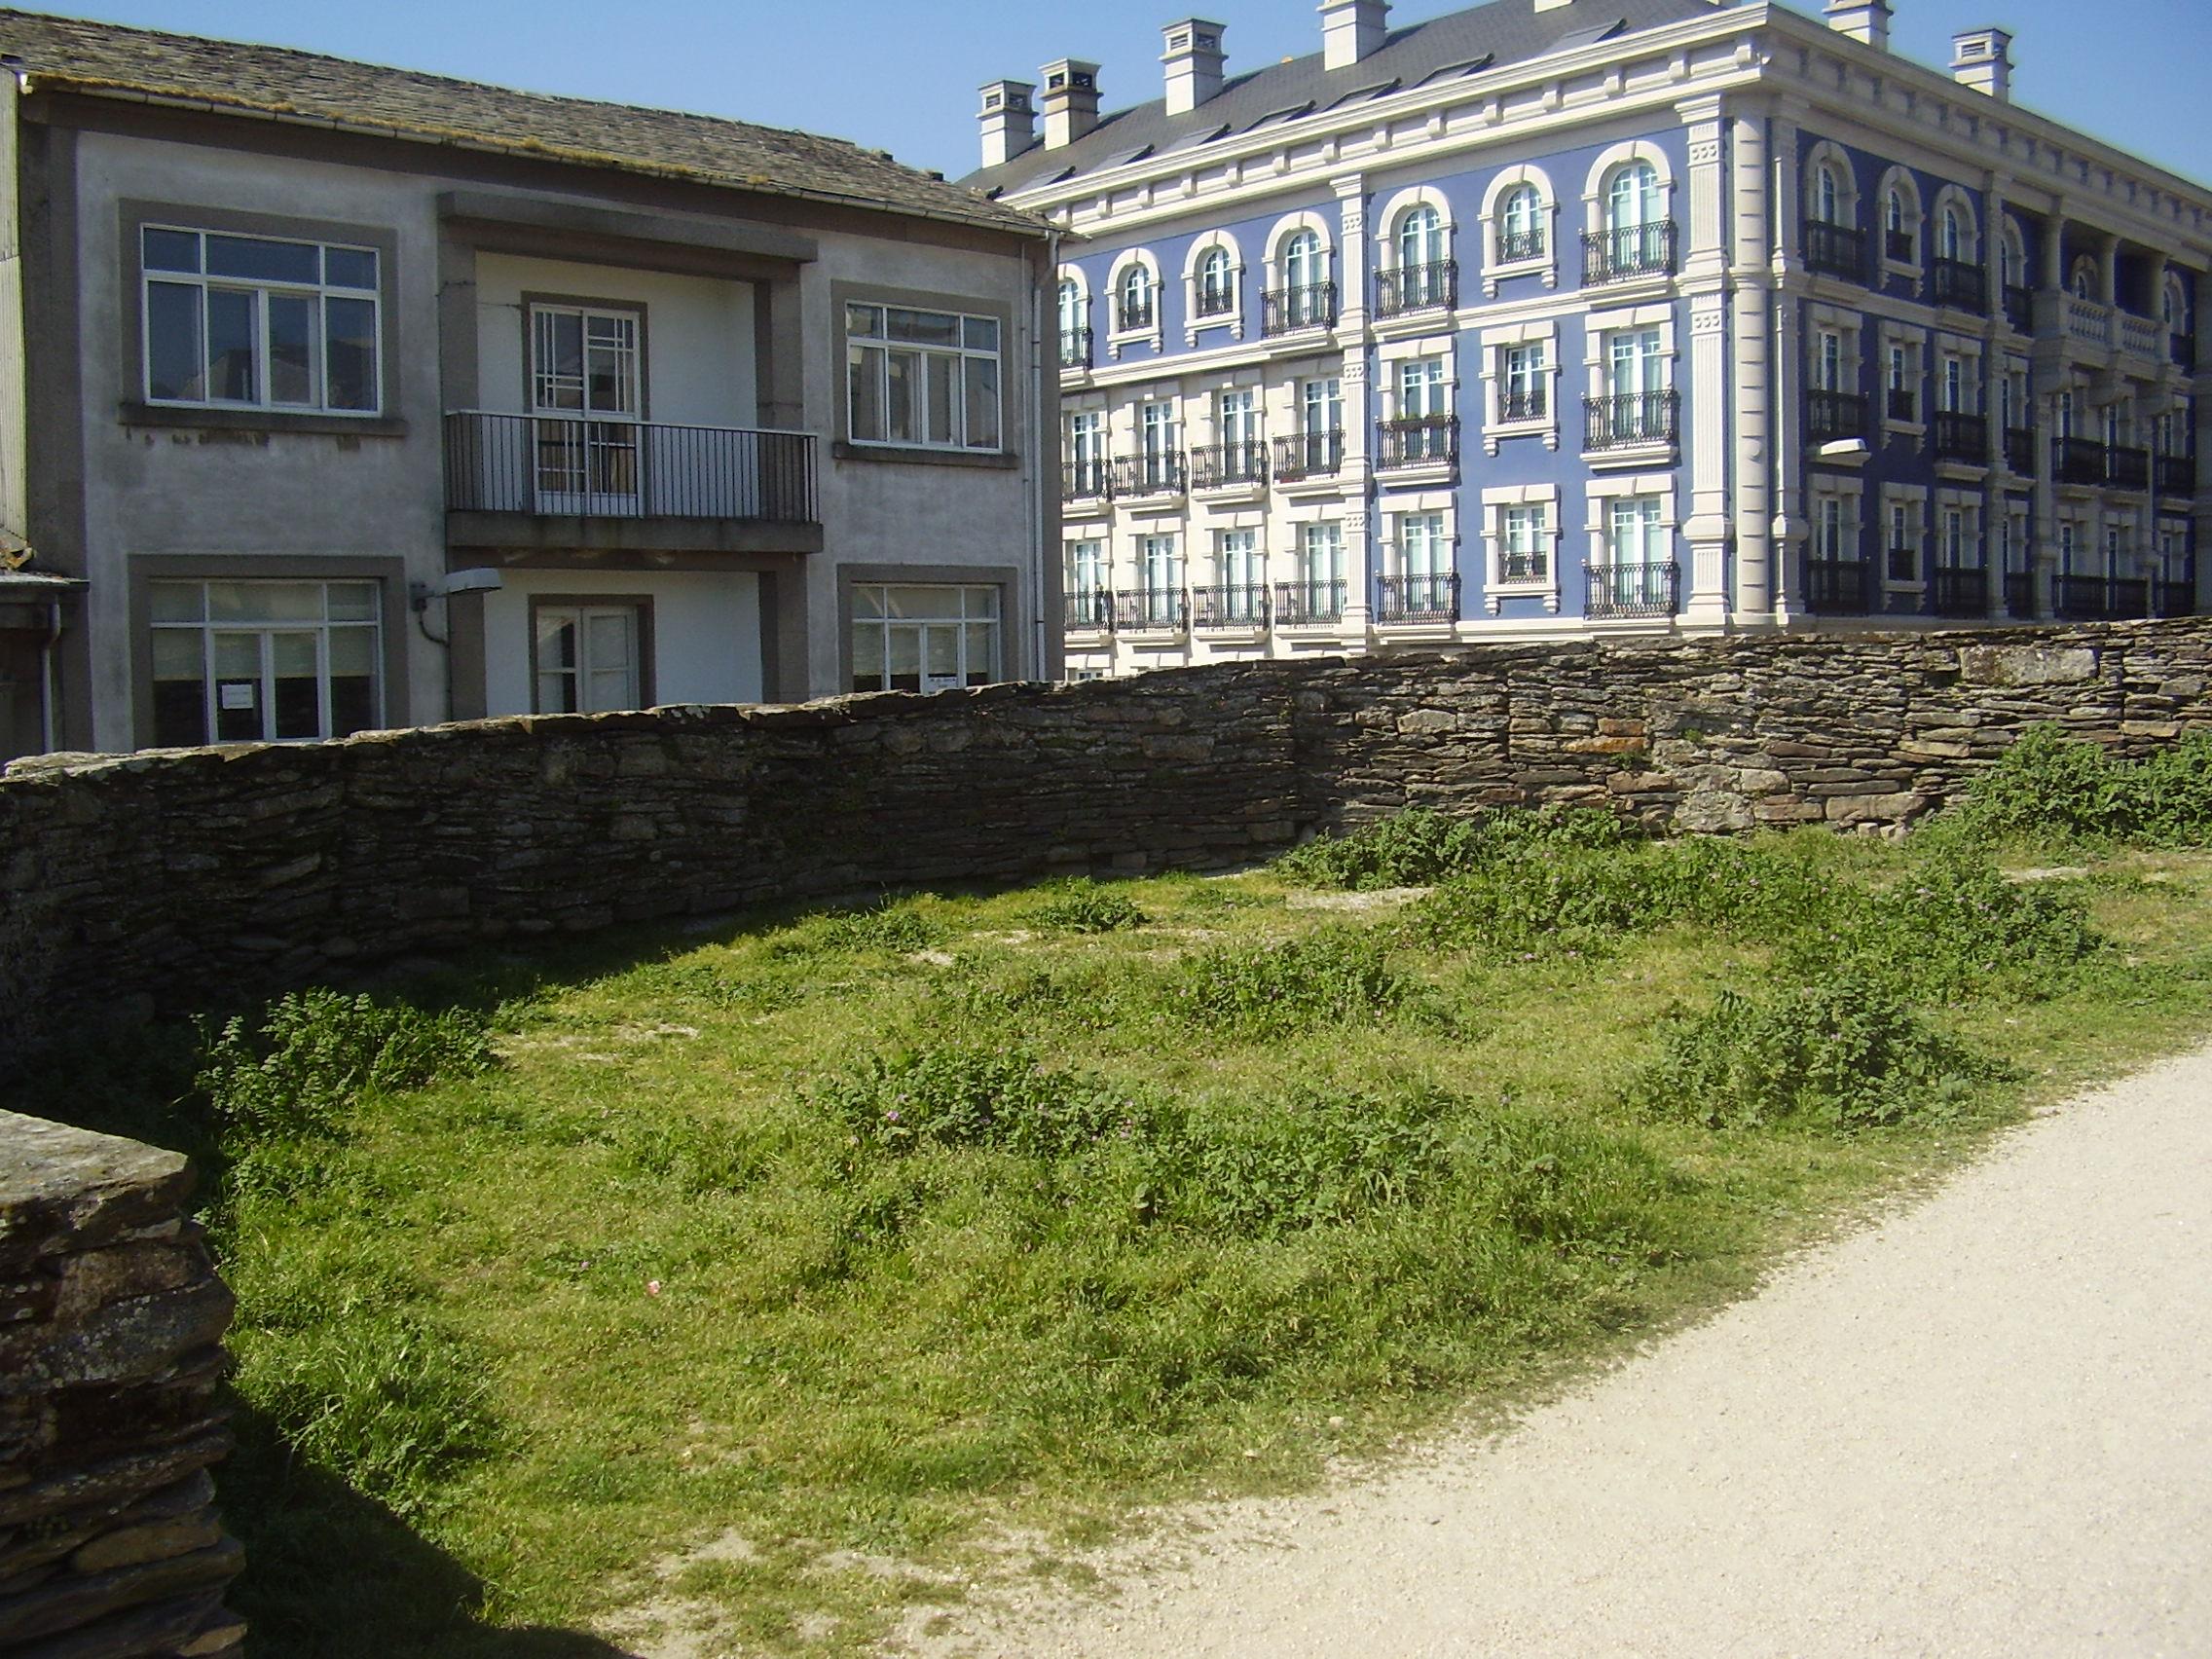 hierbas-muralla-lugo-004